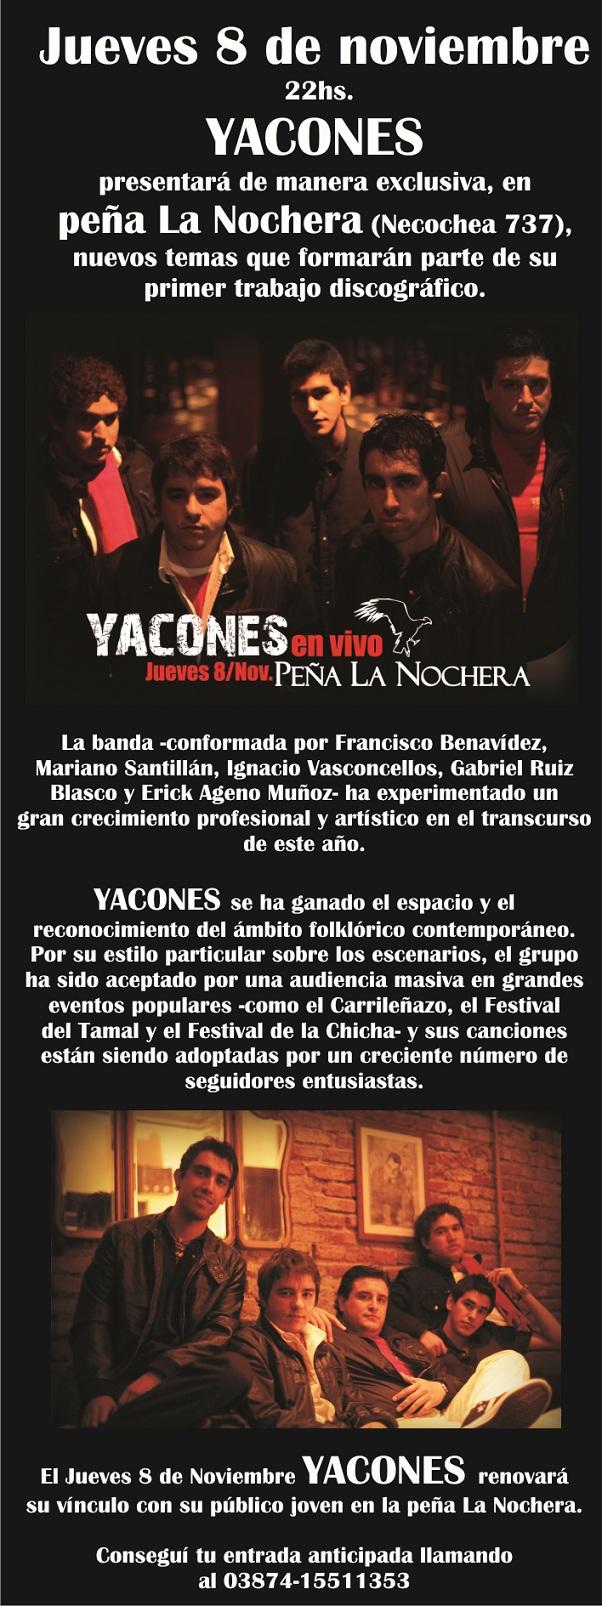 Yacones_-_Parte_de_Prensa_2.jpg